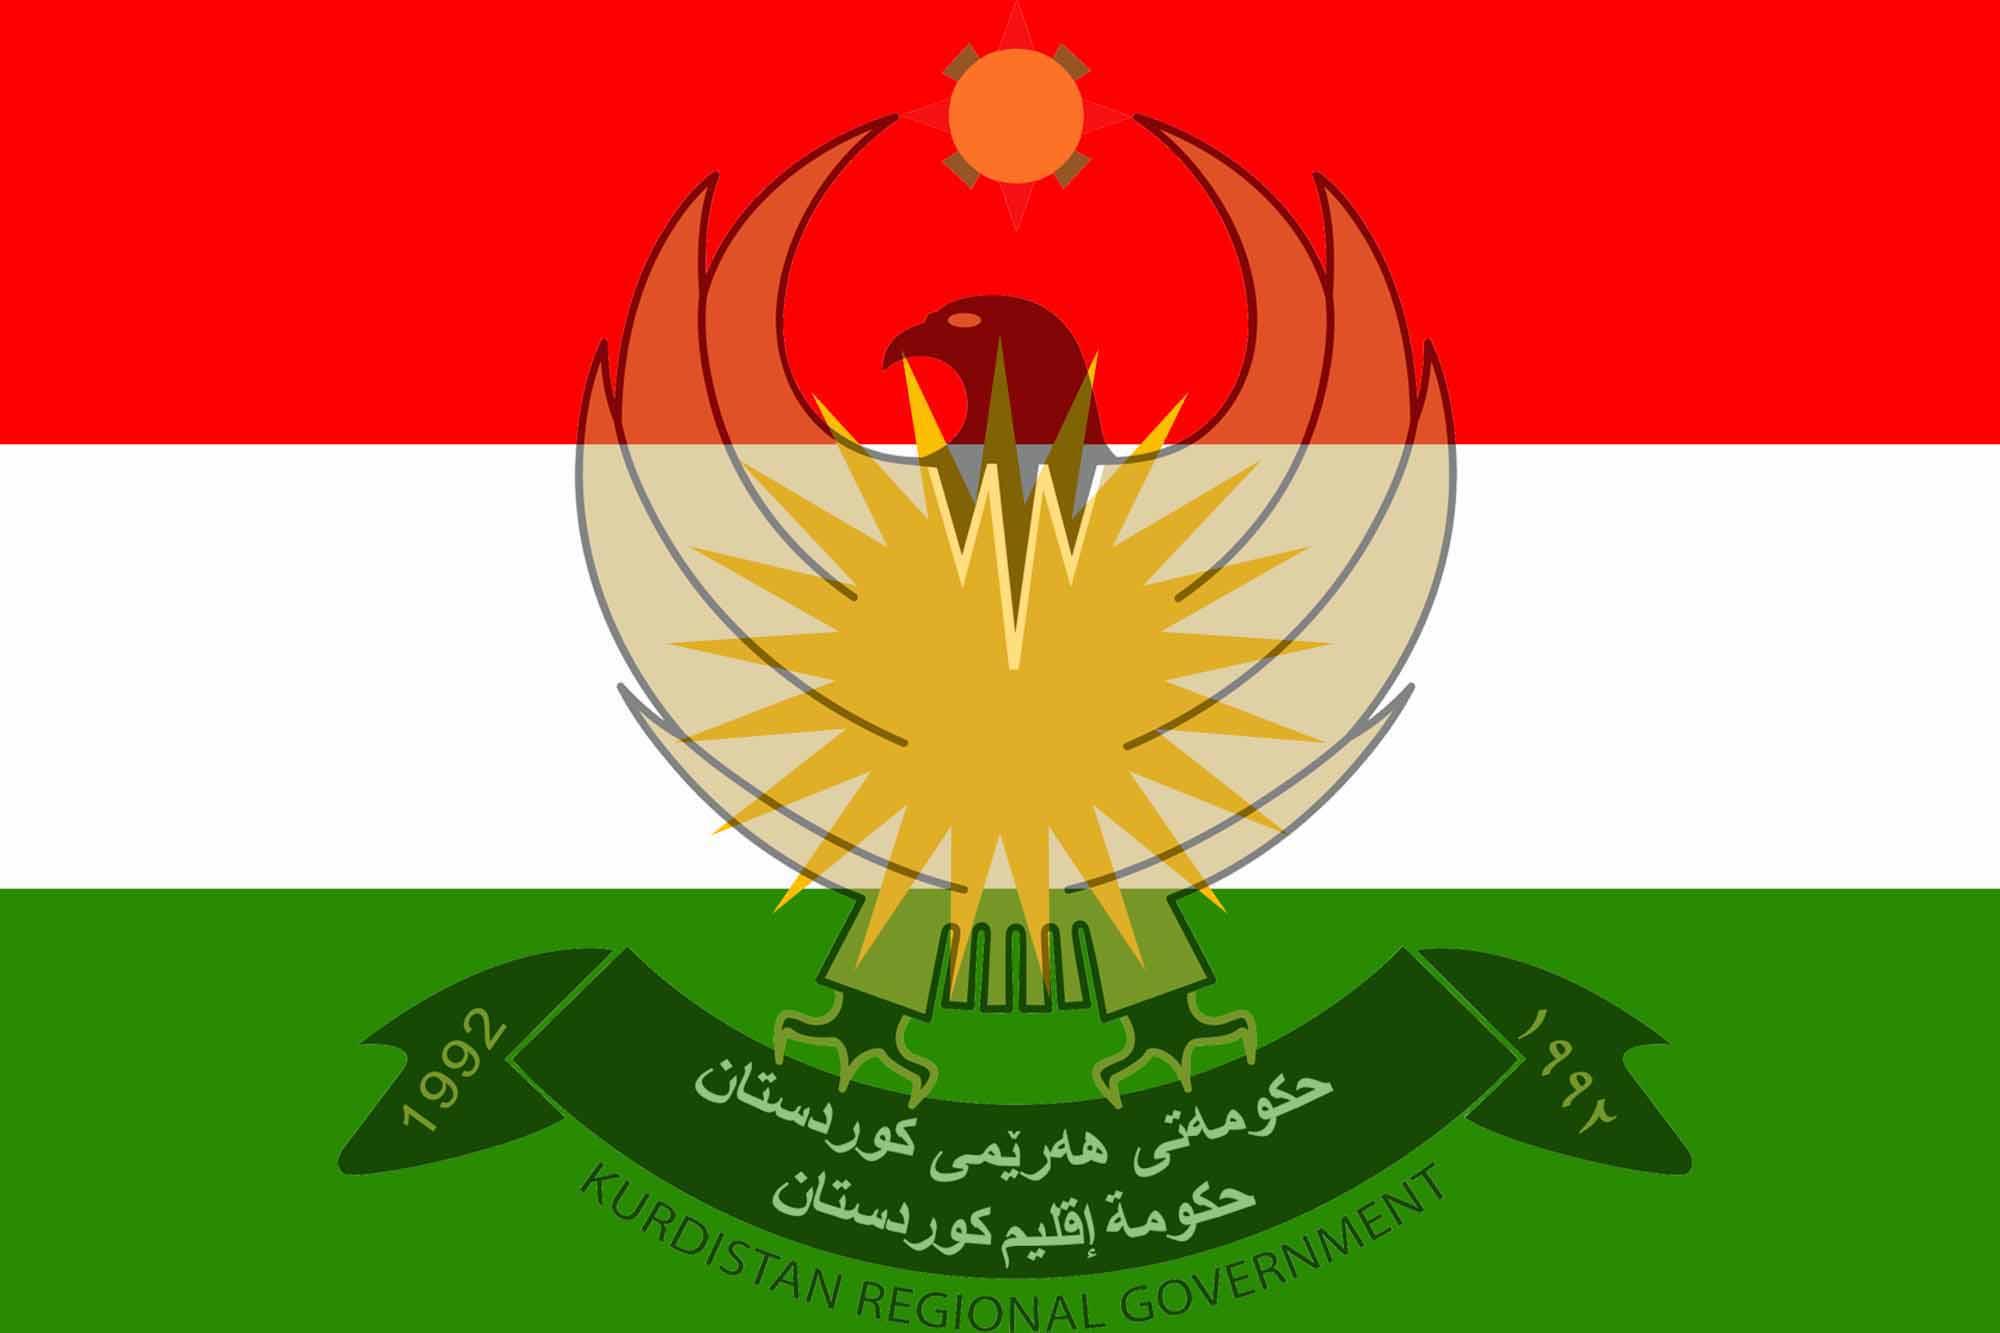 Murat Karayılan'ın açıklamalarına PSDK ve Kürdistan Komünist Partisinden cevap: Binlerce Şehit verilerek elde edilen kazanımları sudan bahanerlere kaybedemeyiz